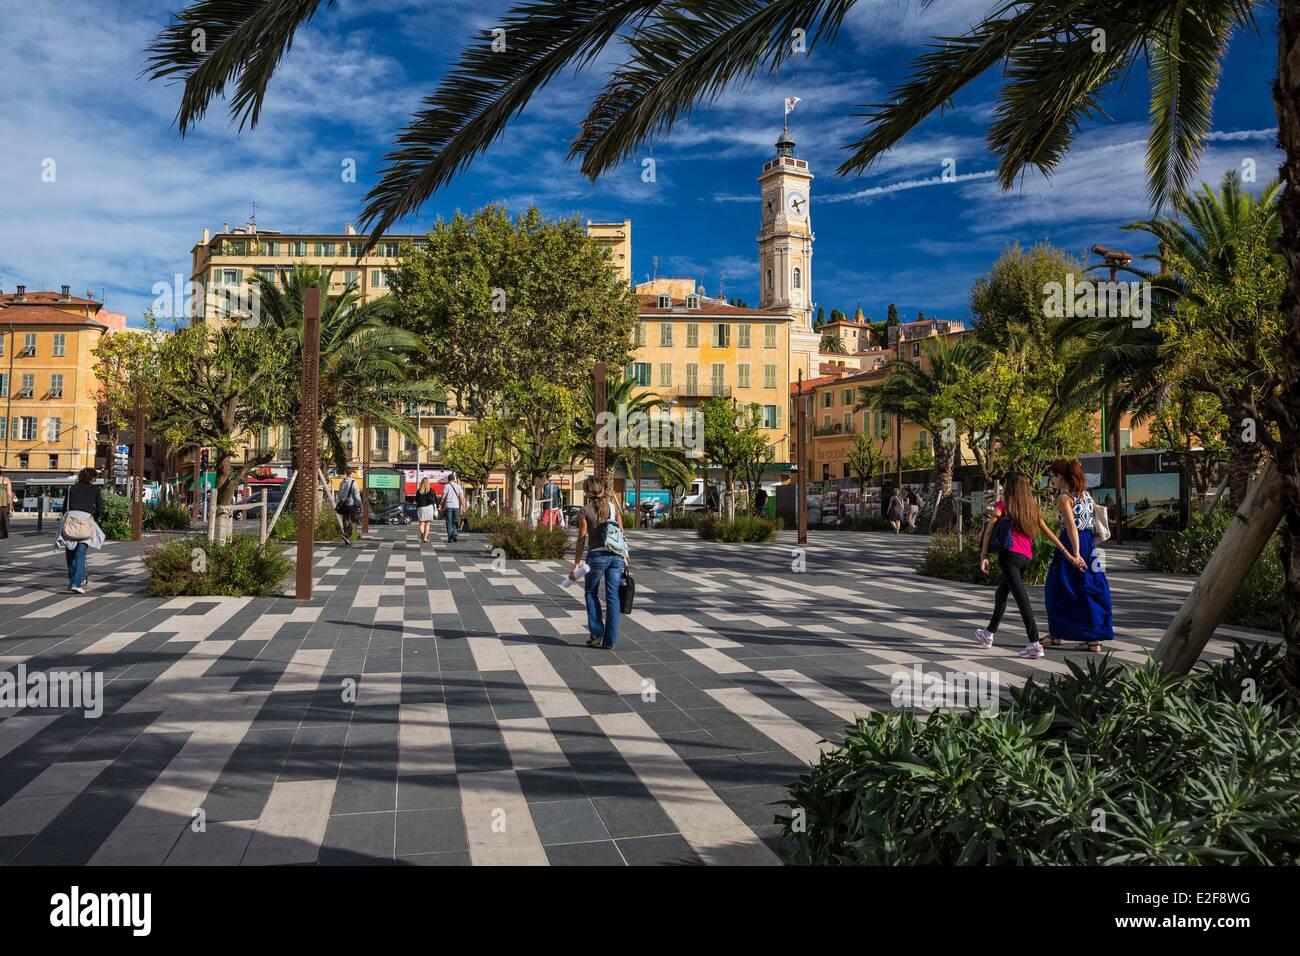 France Alpes Maritimes Nice vieille ville la tour de l'horloge de l'ancien couvent des frères mineurs Photo Stock